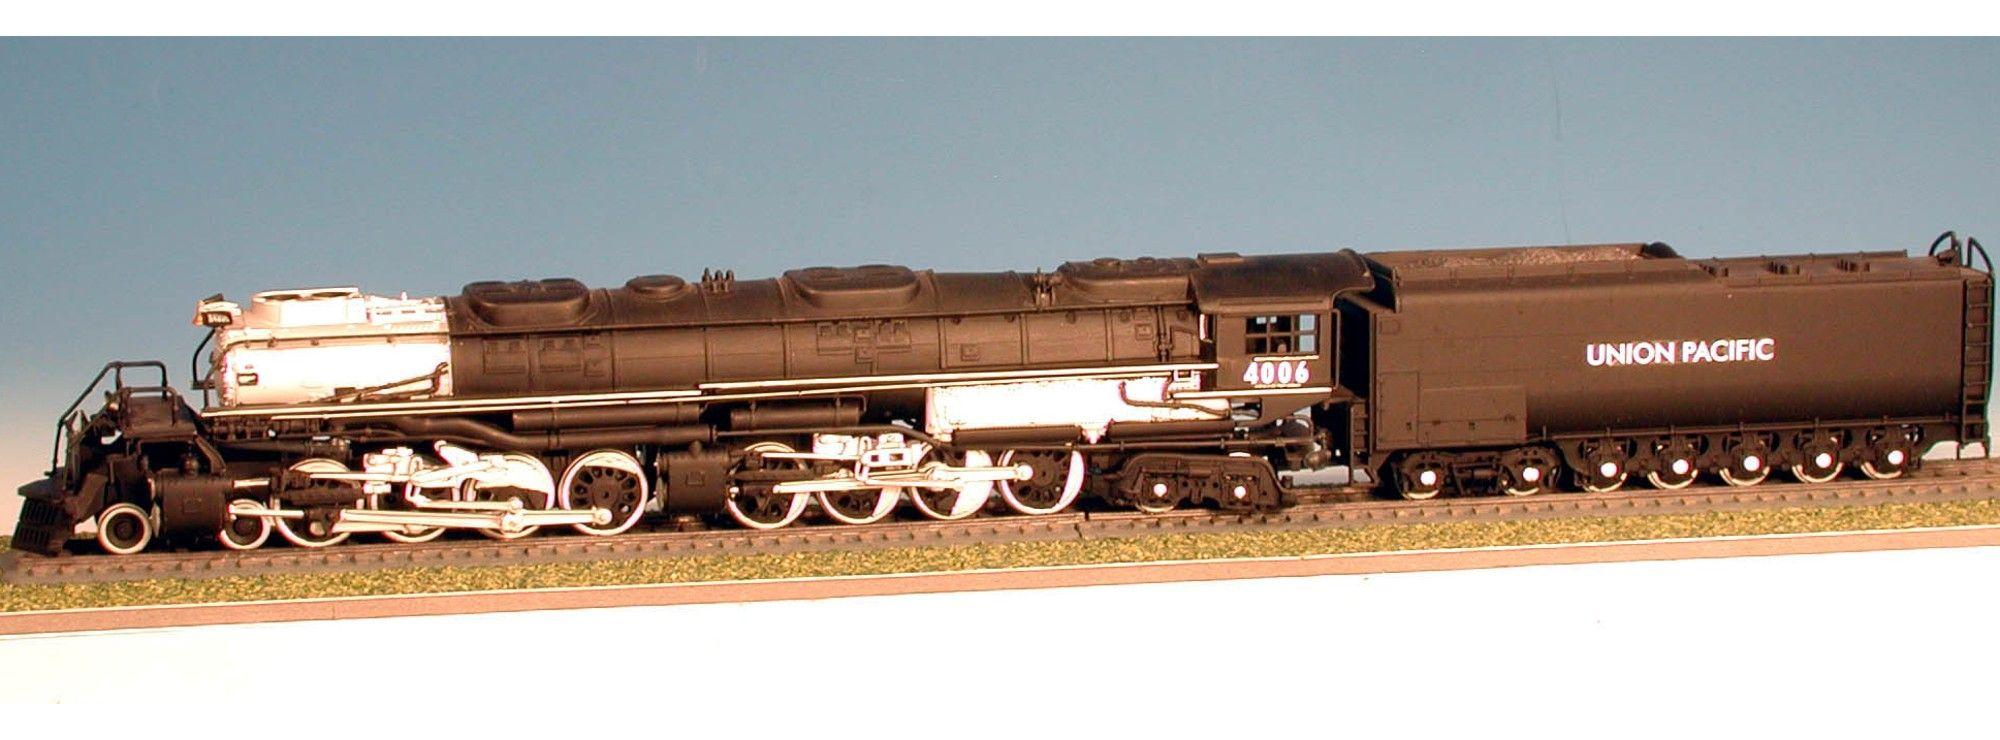 revell 02165 big boy lokomotive bausatz 1 87 online. Black Bedroom Furniture Sets. Home Design Ideas